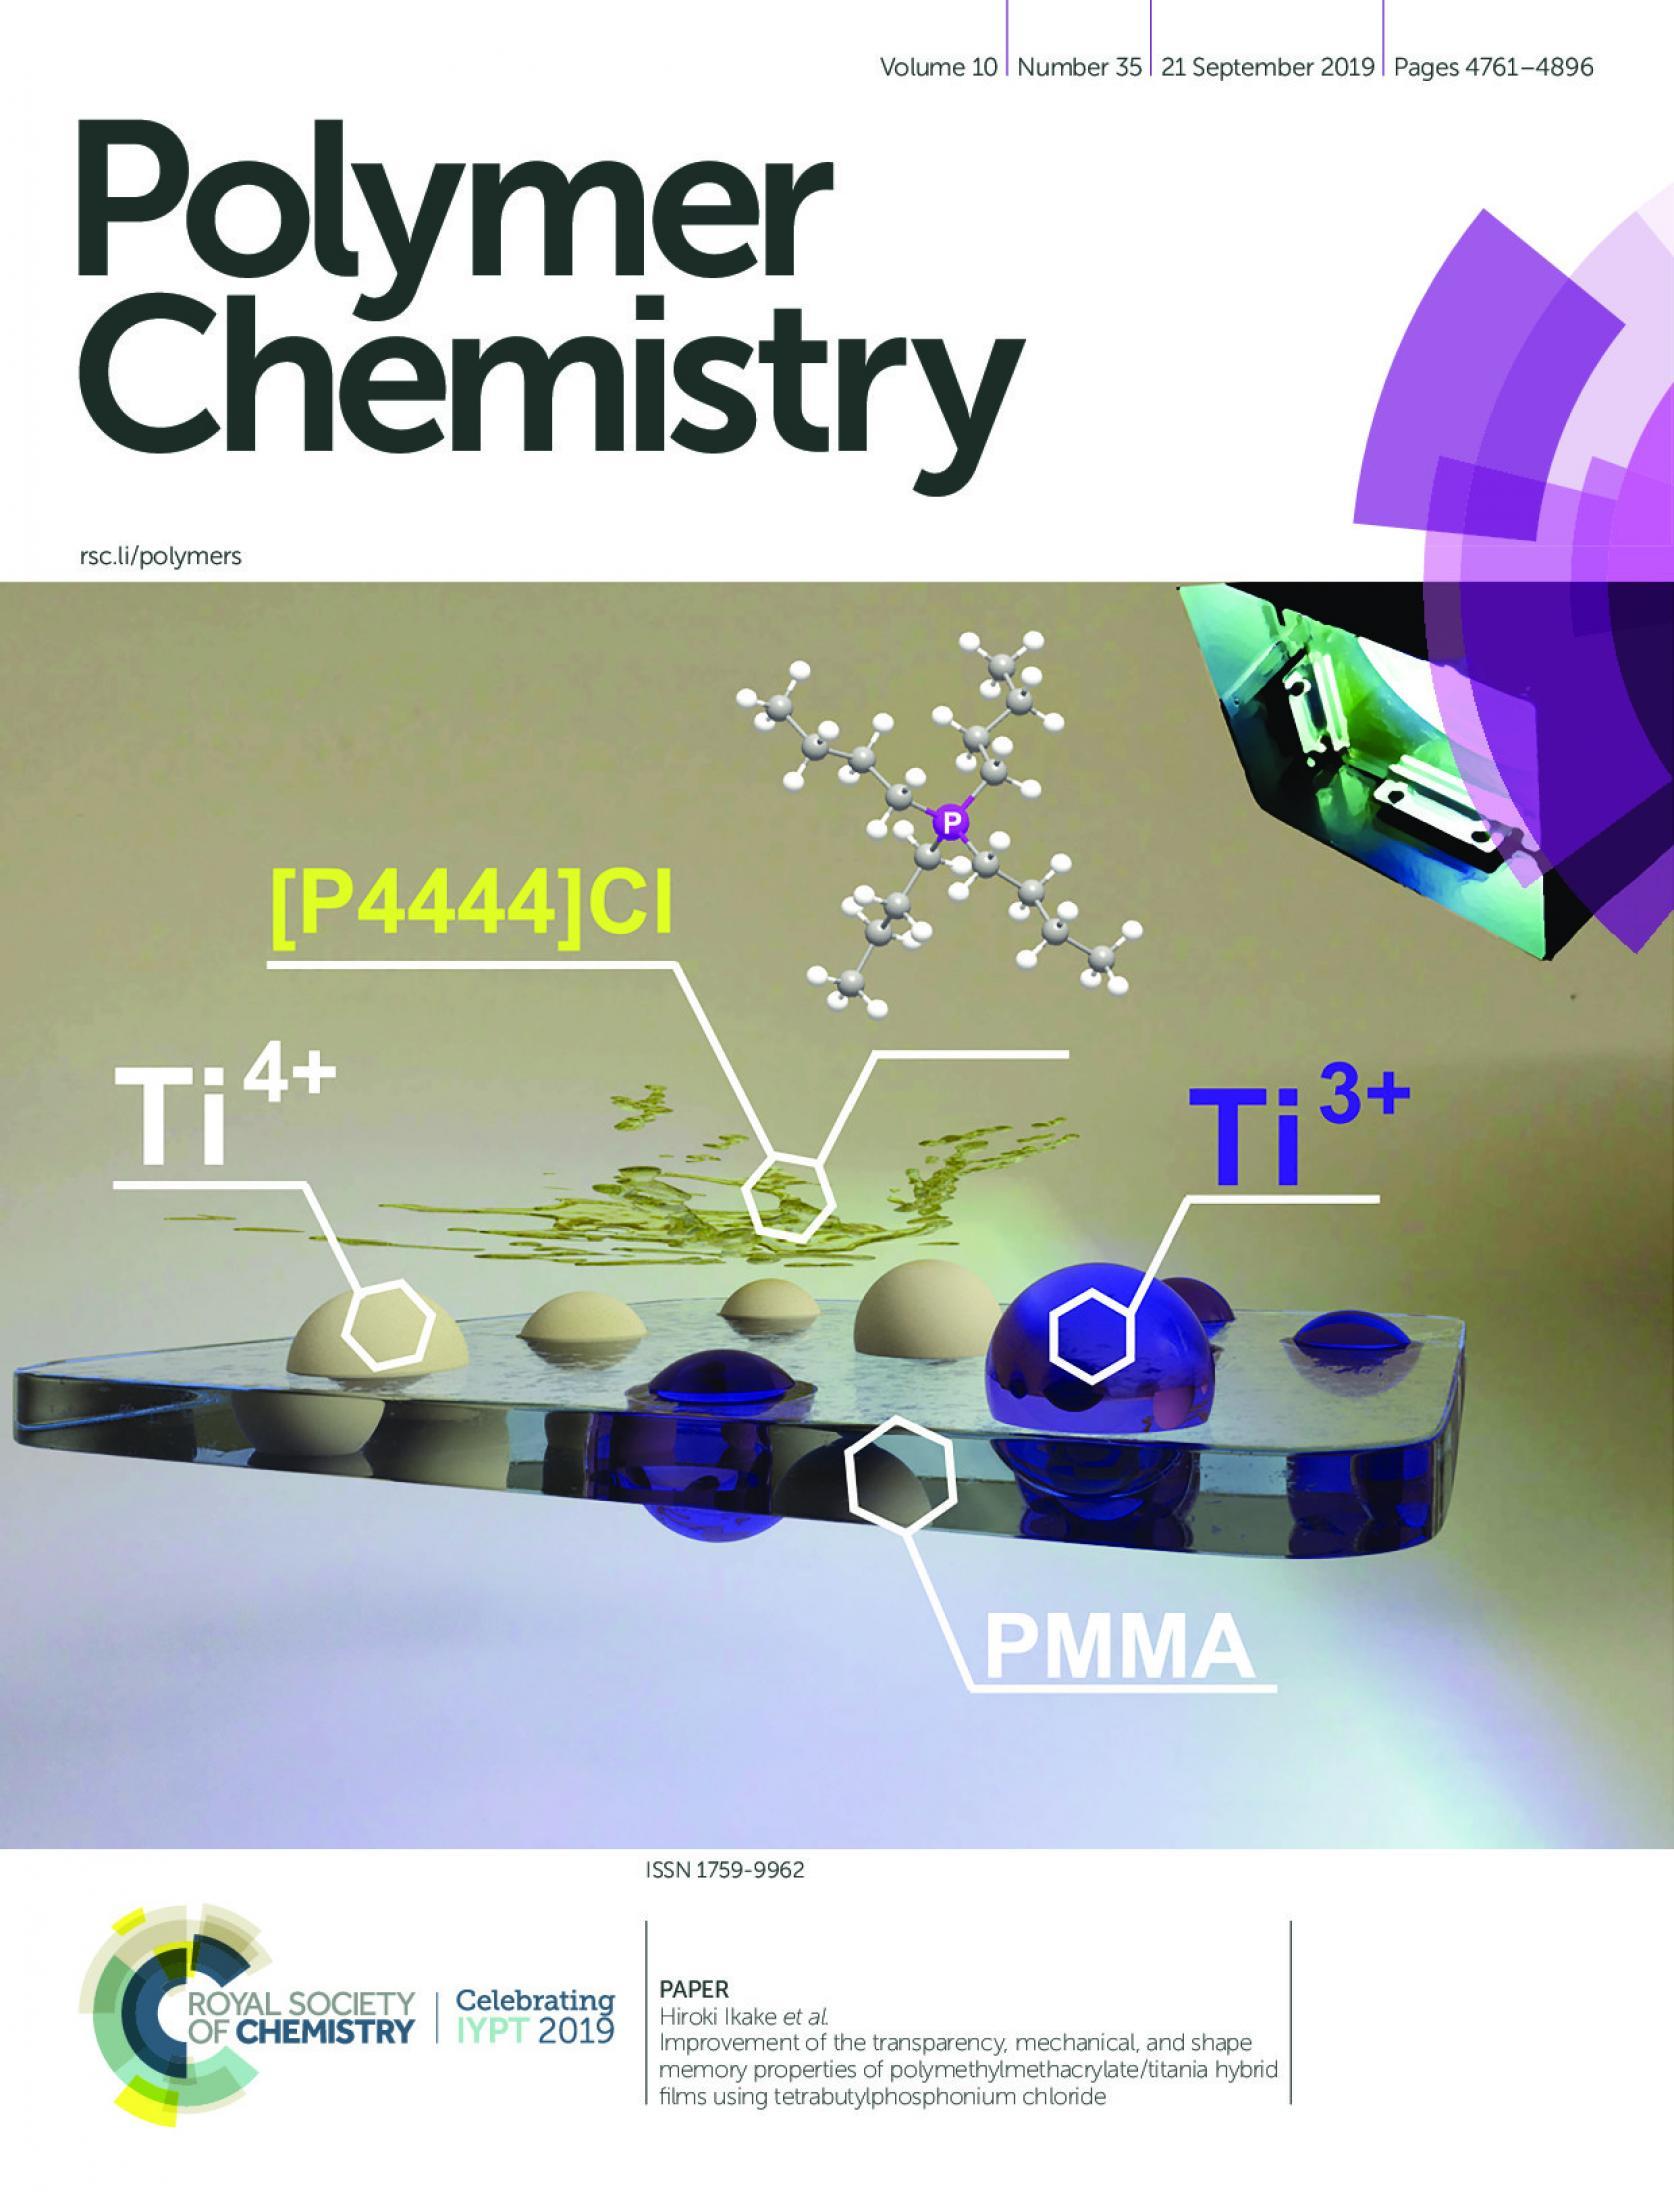 物質応用化学科 高分子工学研究室の研究成果が、英国王立化学会Polymer Chemistry誌のinside front coverに選ばれました。